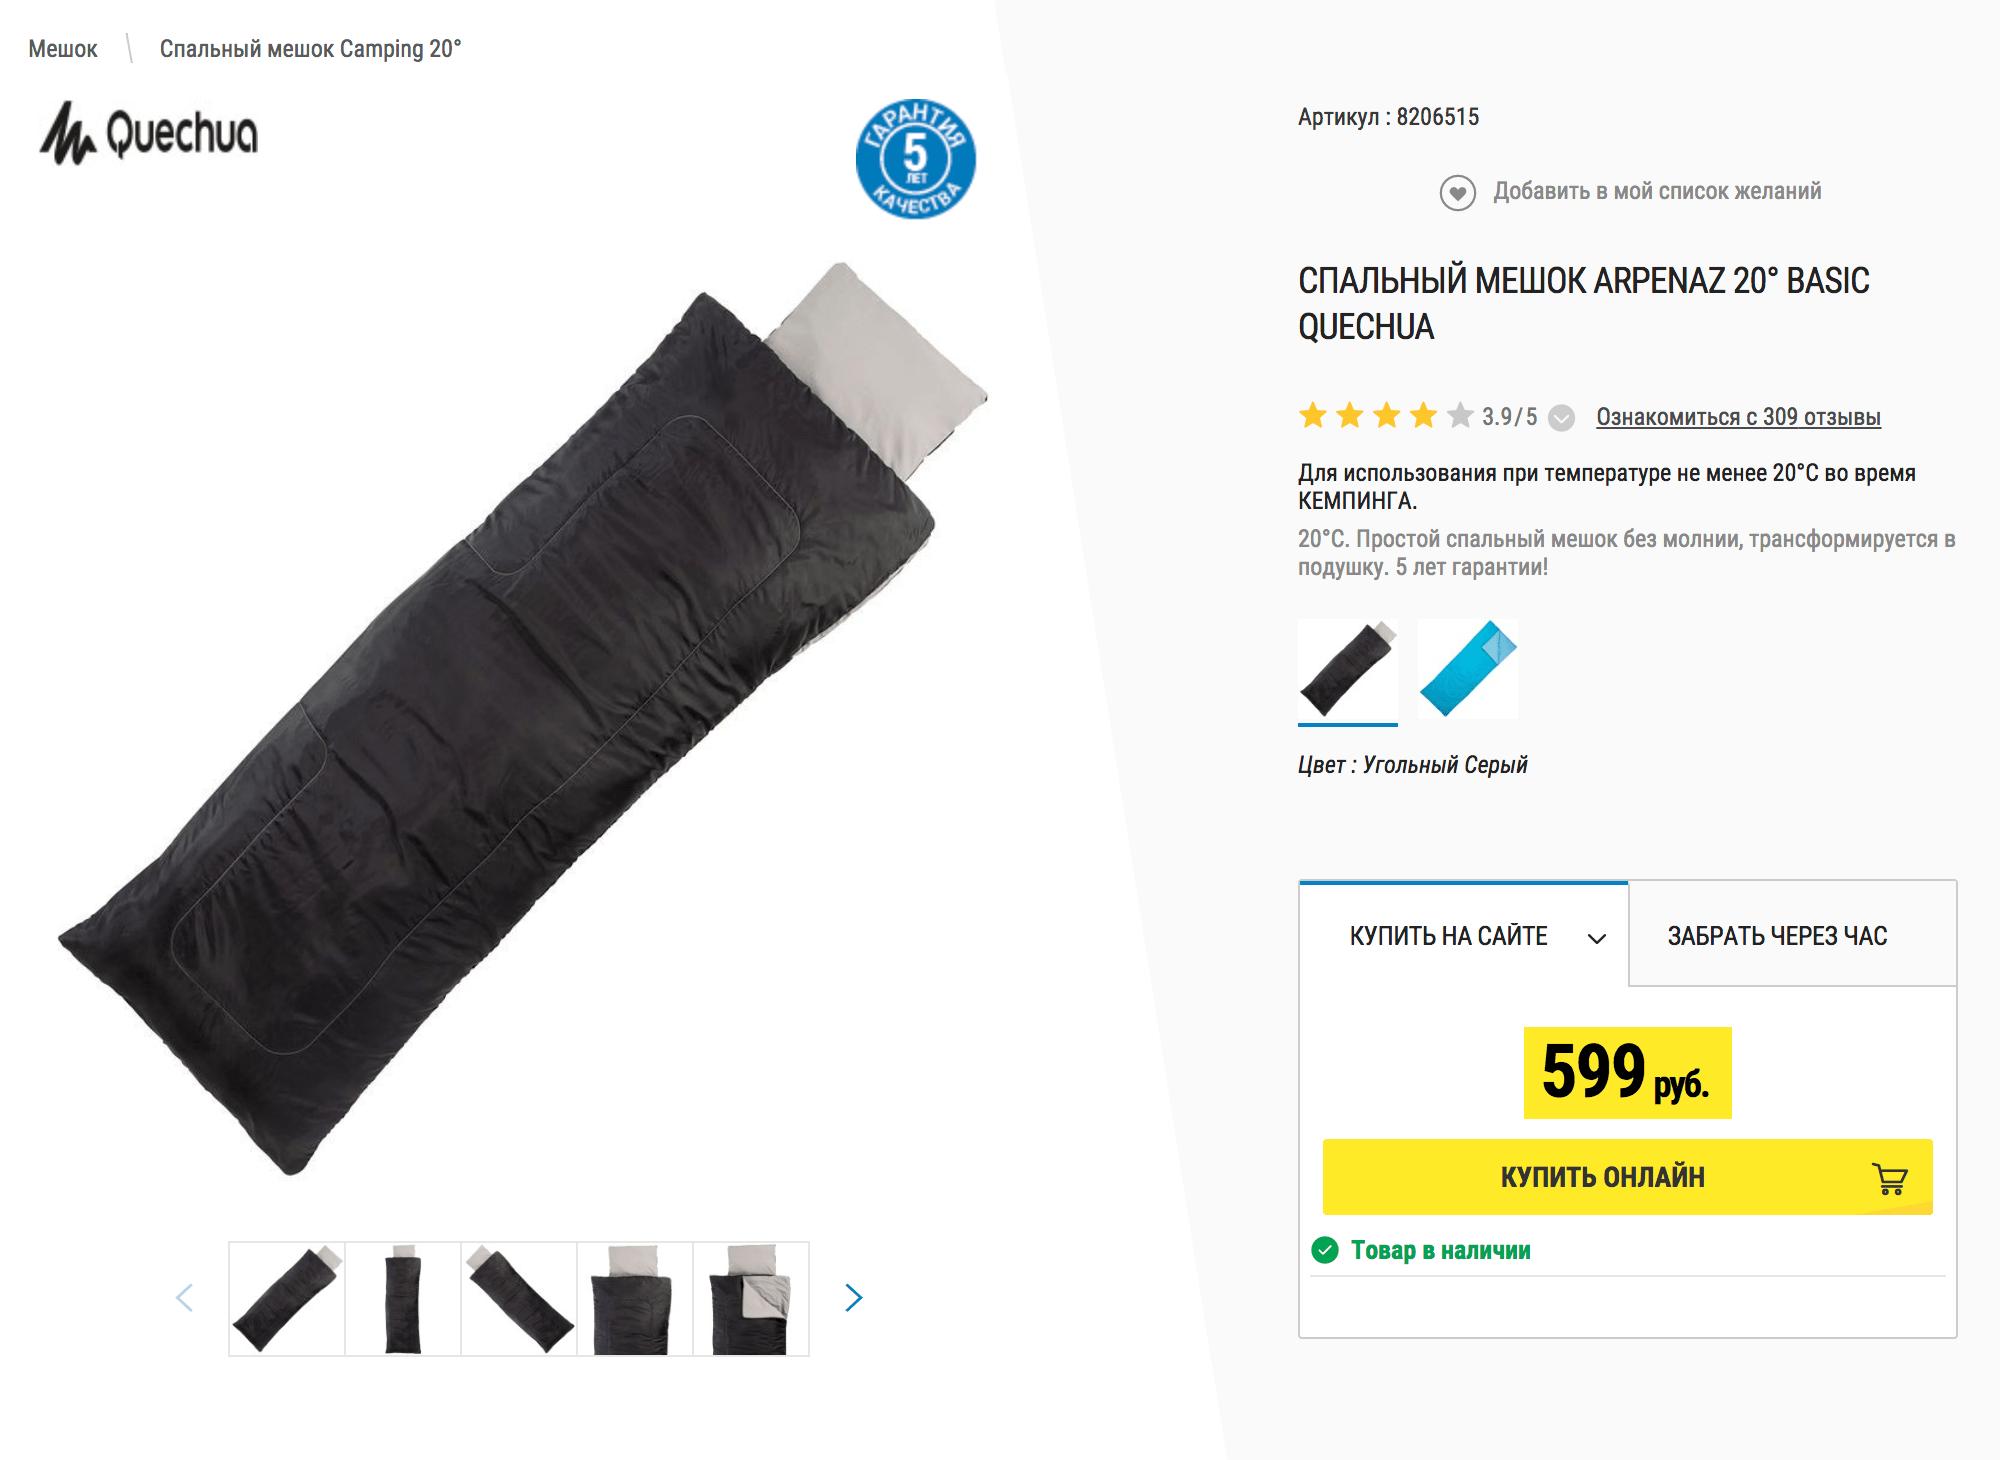 Я брал с собой самый дешевый спальный мешок за 600 р.. Он рассчитан на +20°C и в сложенном виде превращается в подушку. Источник: Decathlon